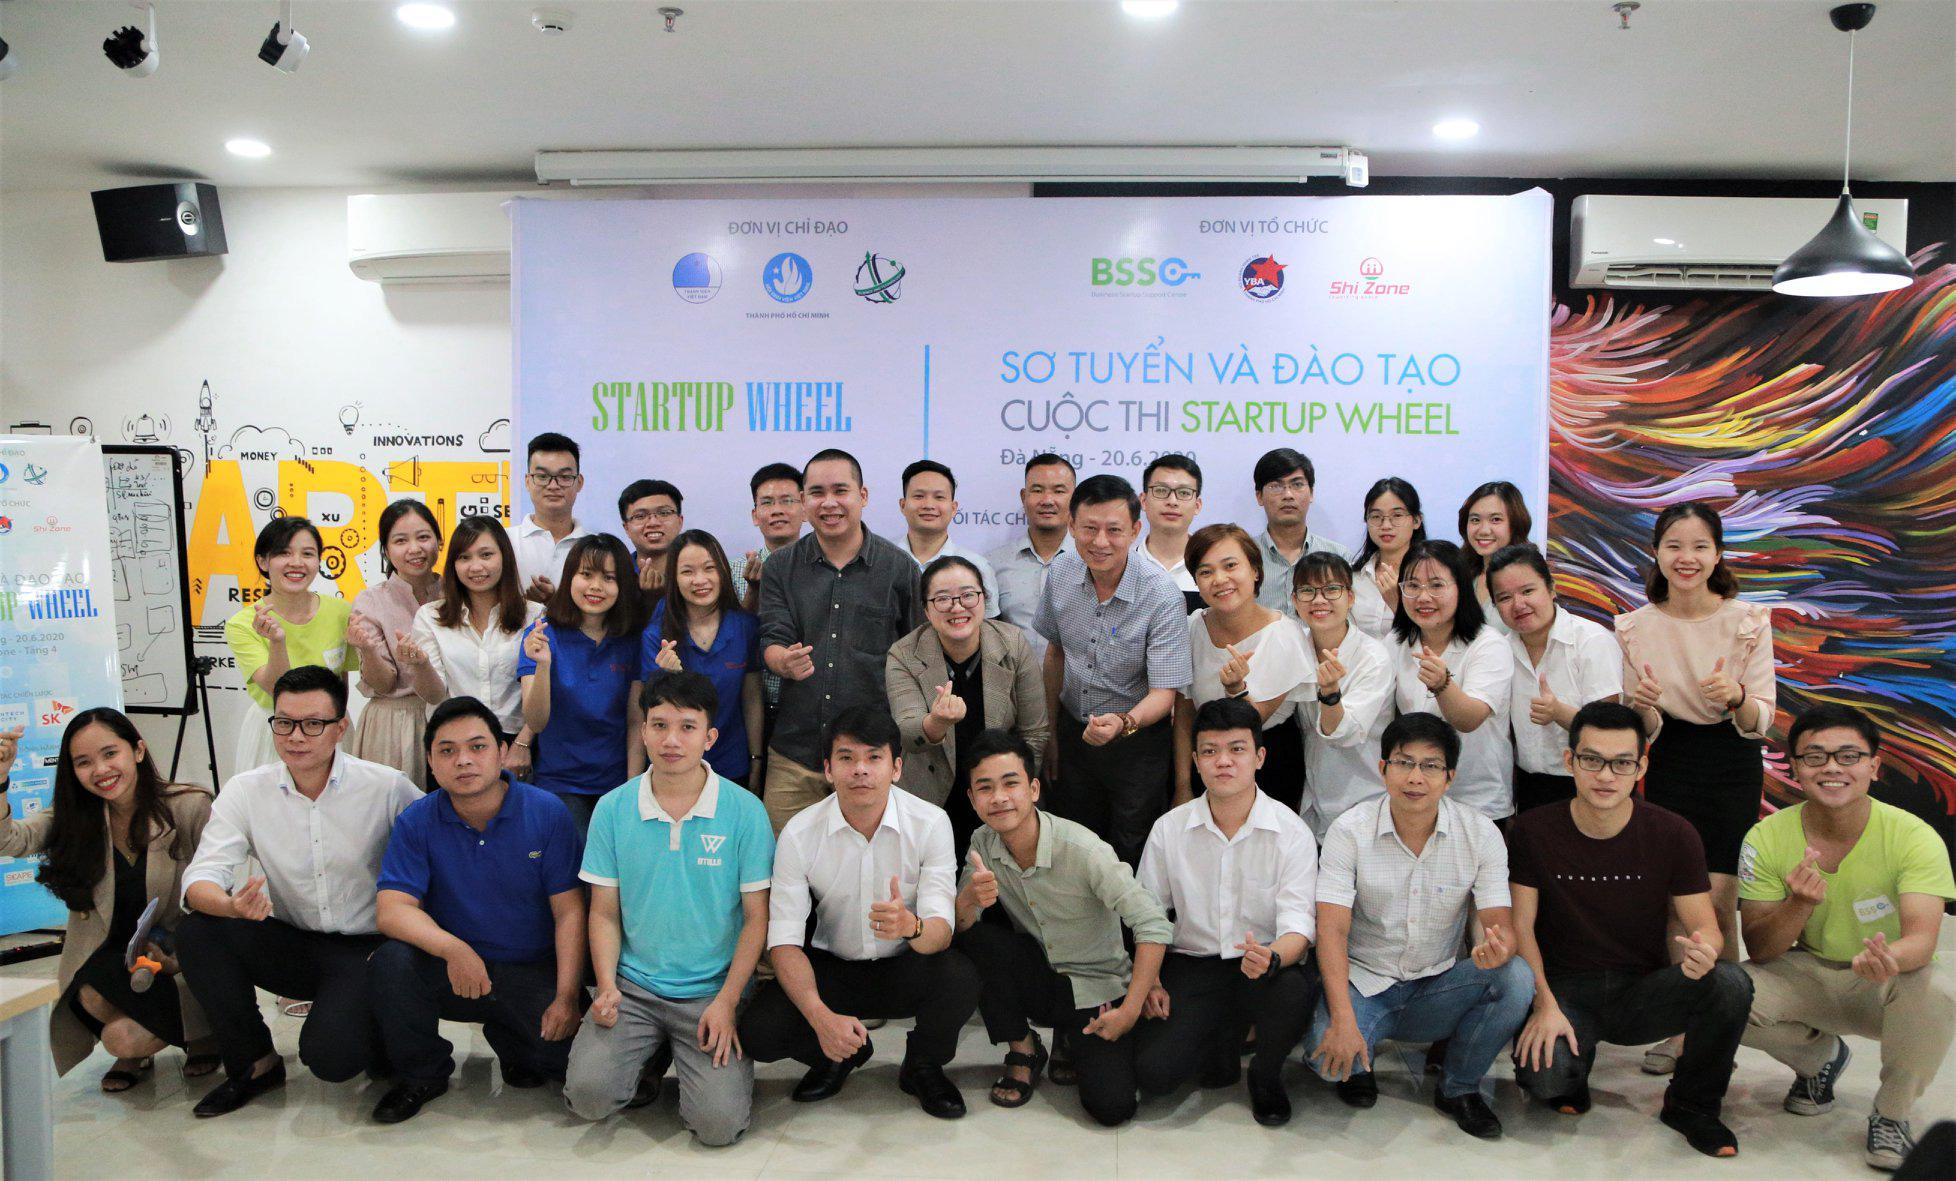 Startup Wheel 2020 thu hút gần 2.000 dự án từ 20 quốc gia  - Ảnh 1.